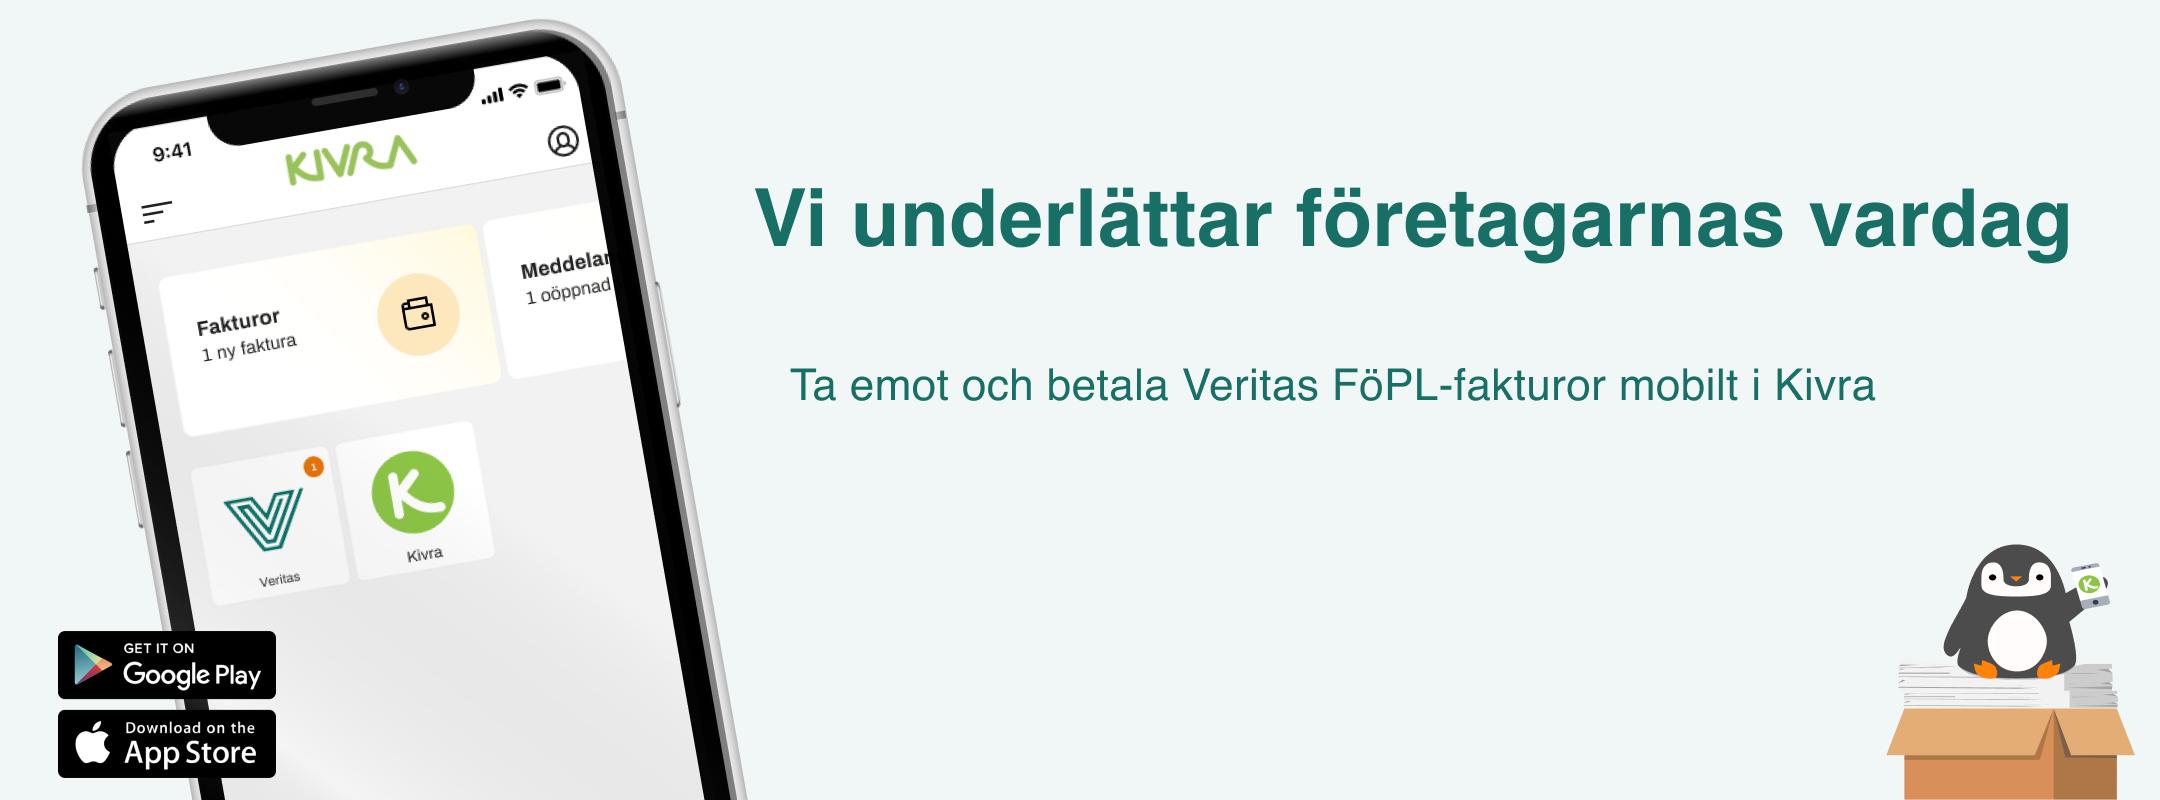 Mobilskärmen har Veritas- och Kivra-ikoner.